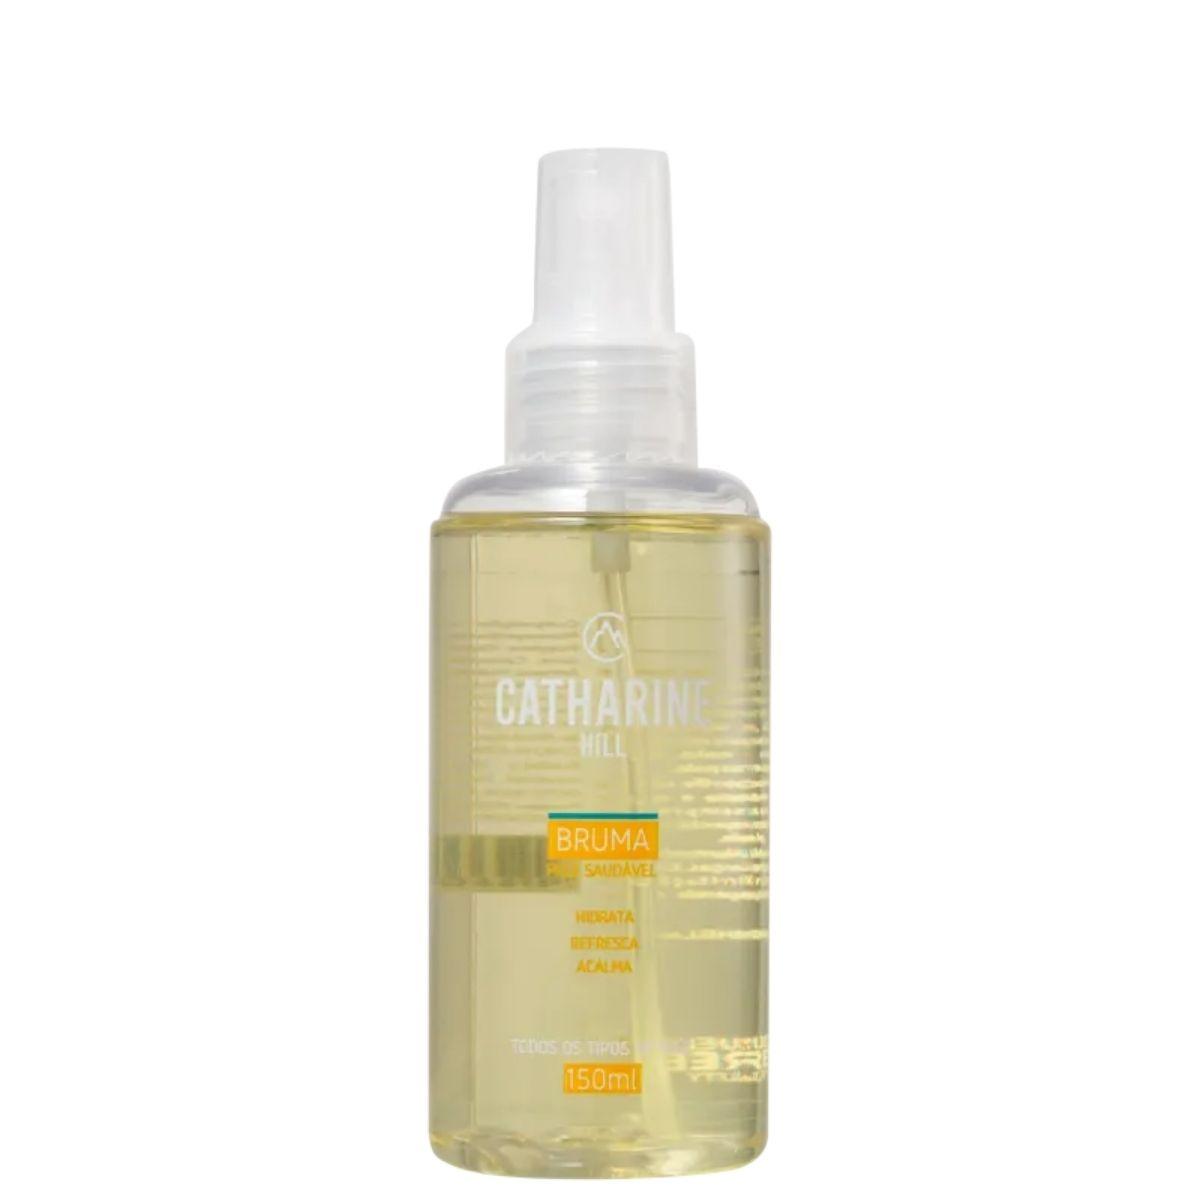 Brume Catharine Hill - Fluído Hidratante Facial 150ml